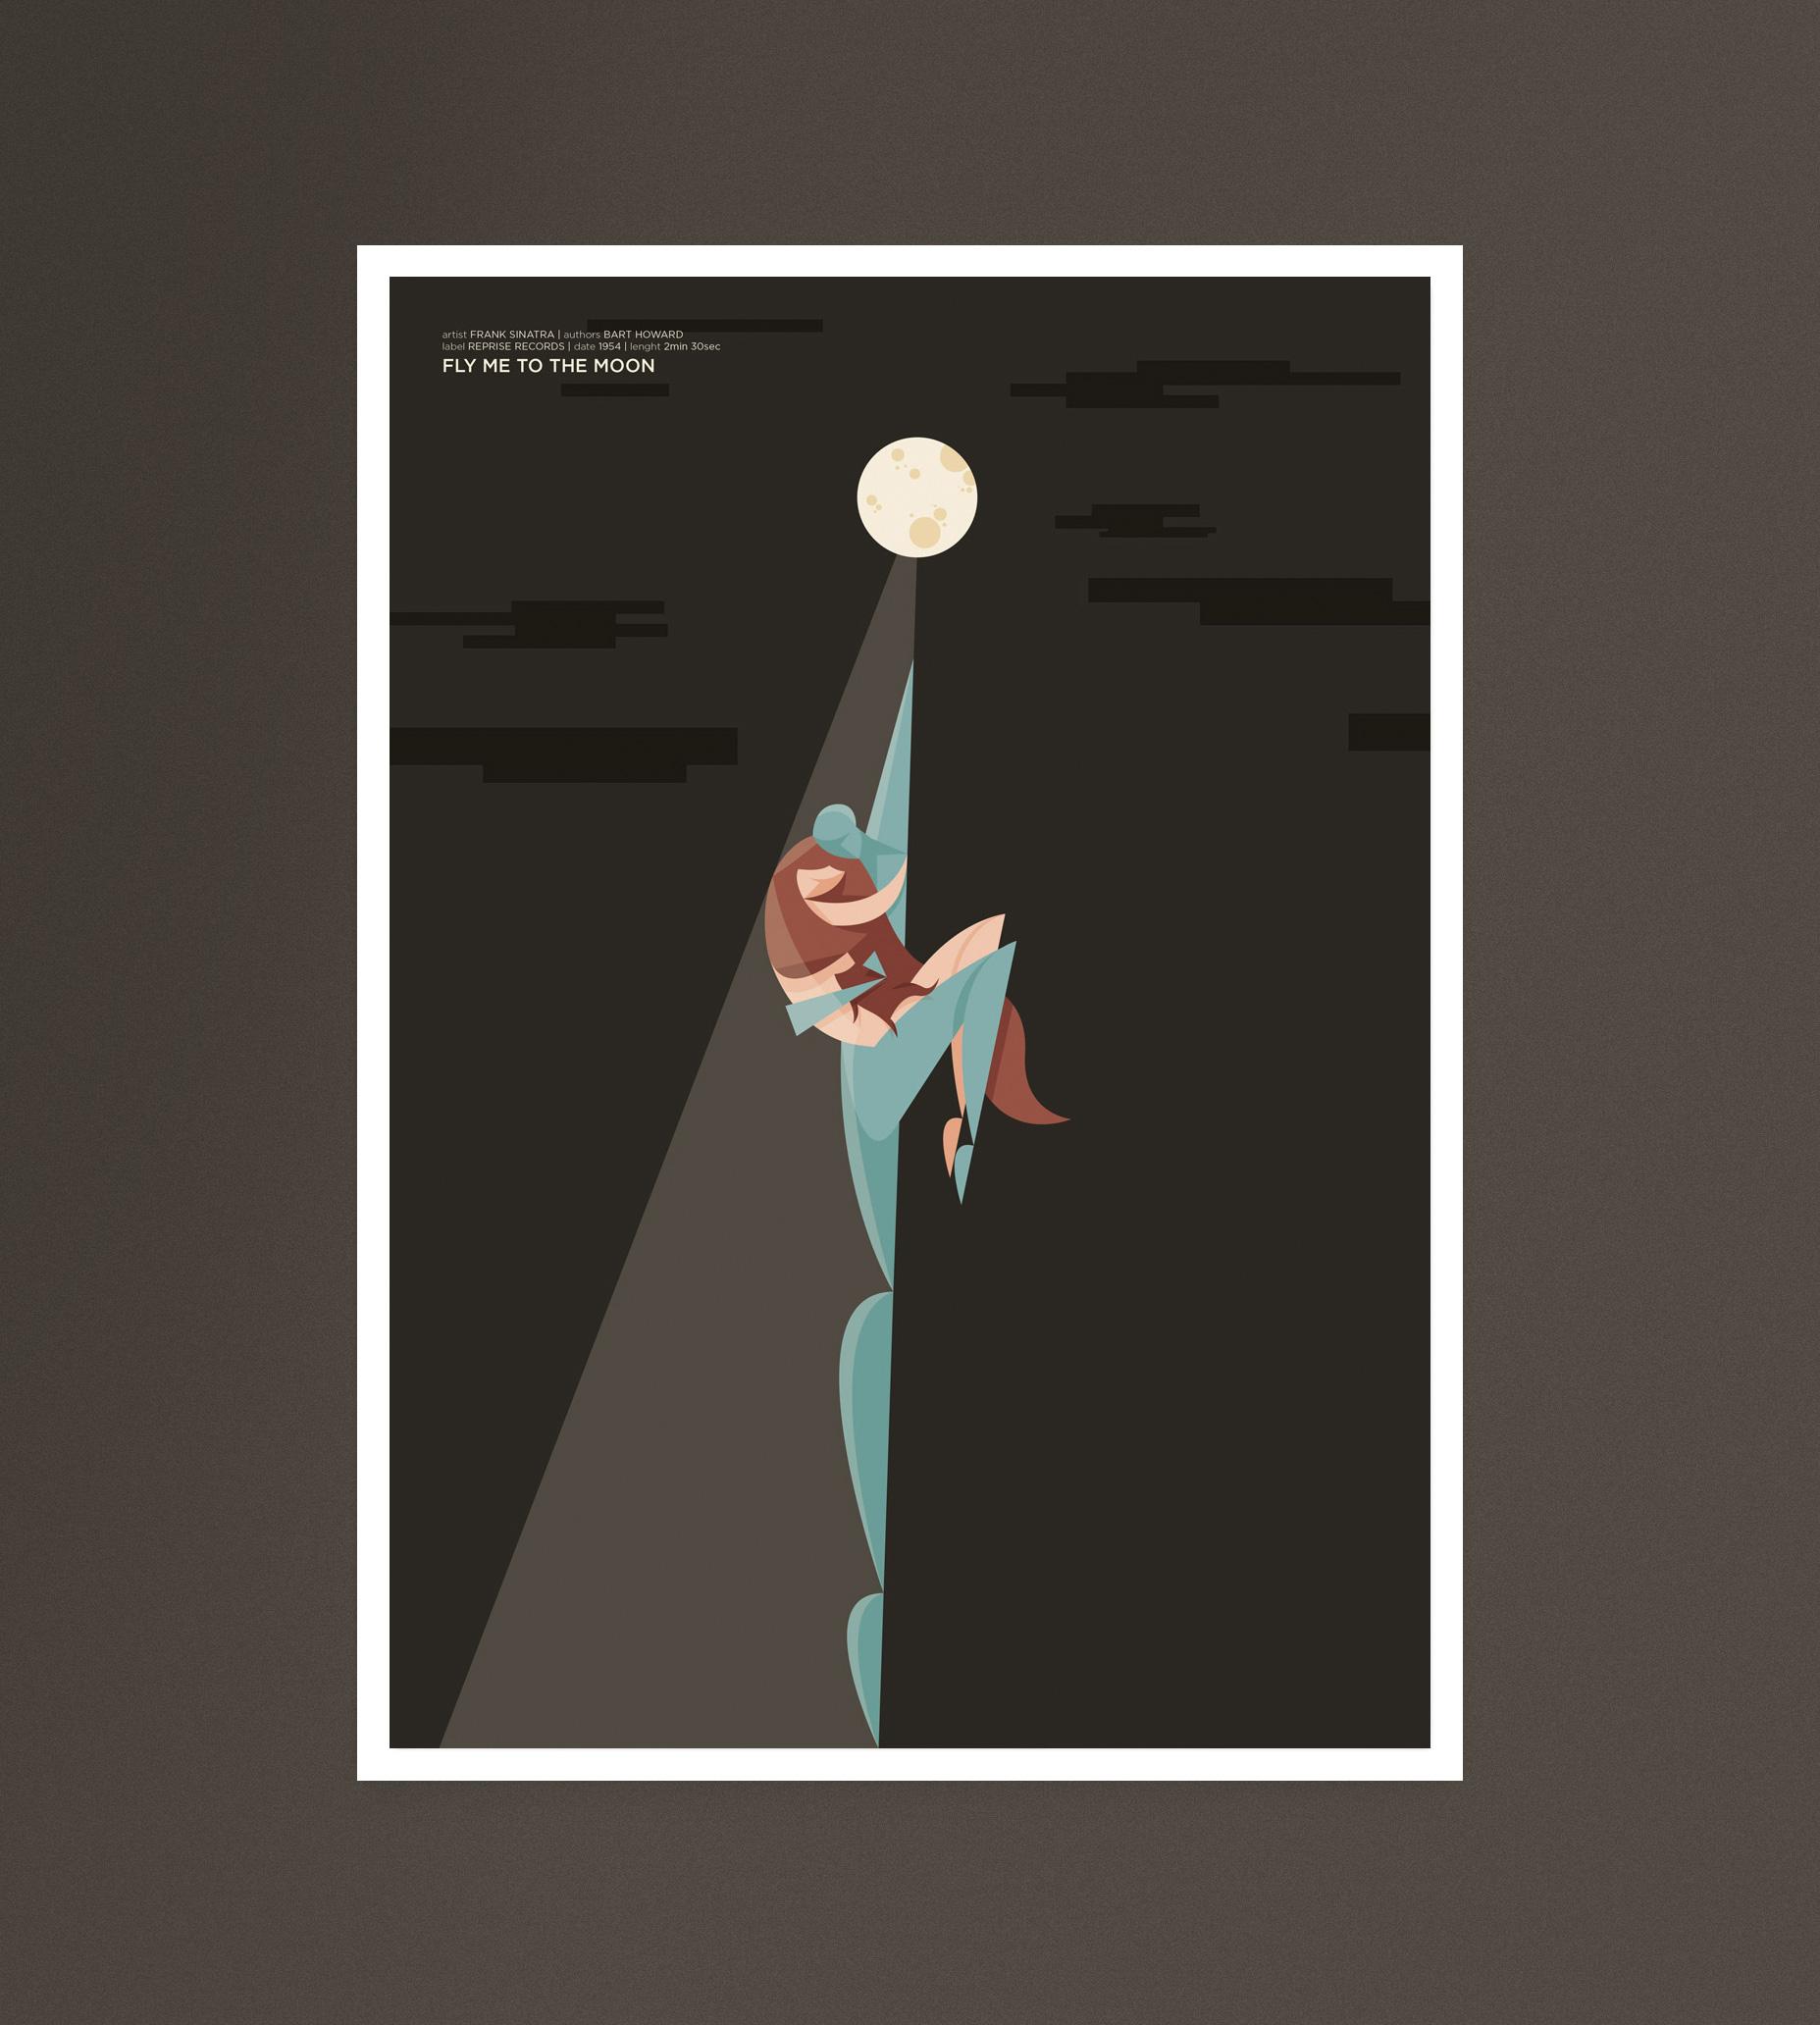 Fly me to the Moon, un uomo a forma di sogno trasporta una donna verso la luna in una notte scura.